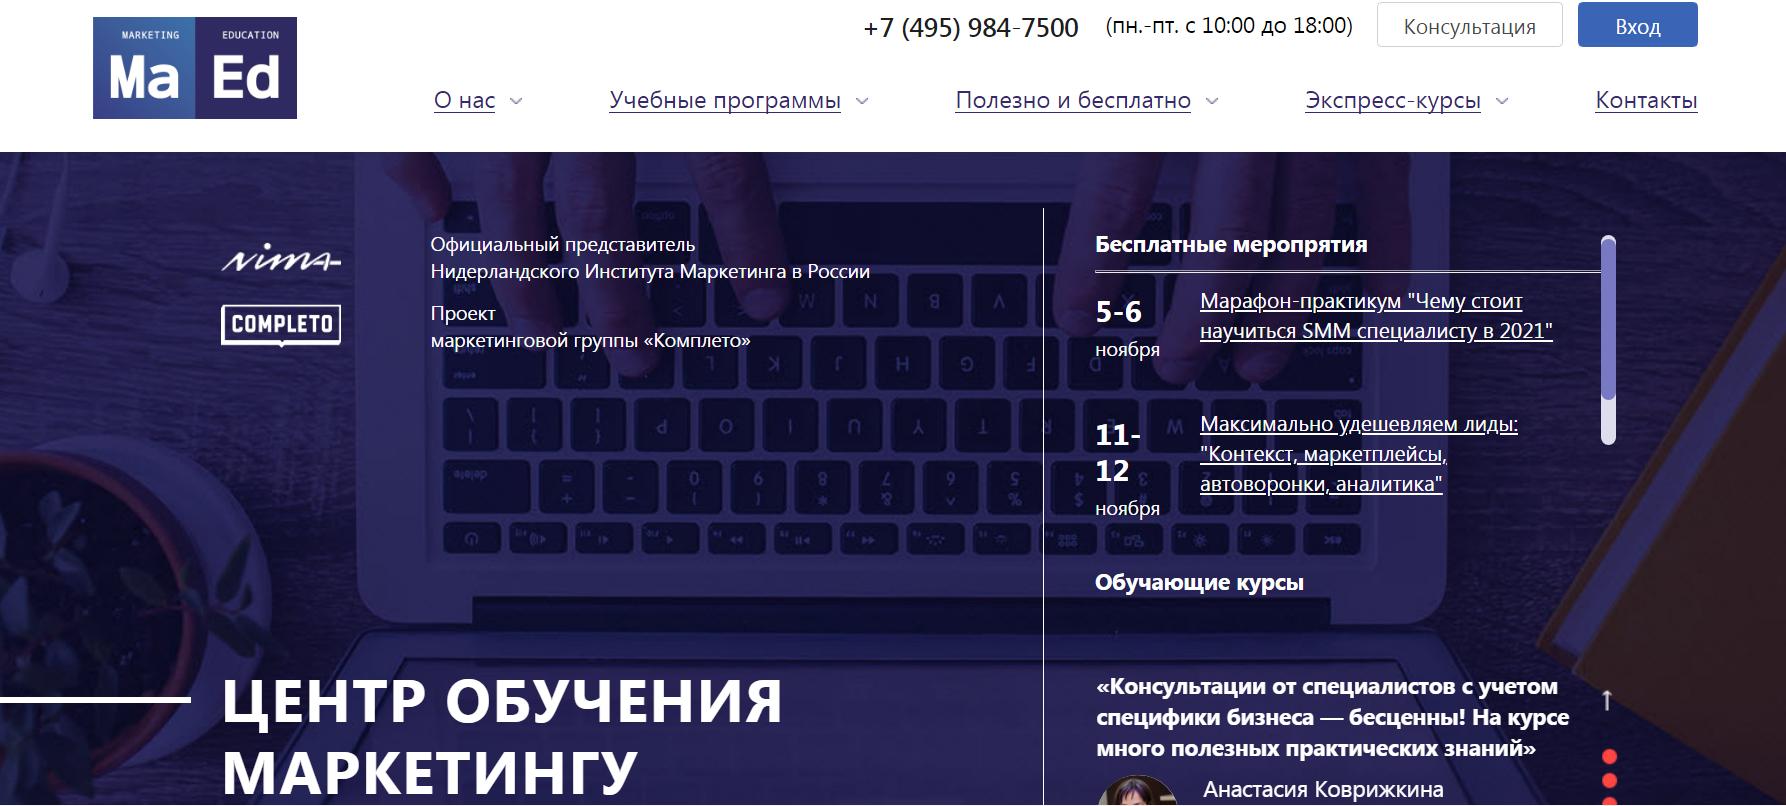 Расширение бизнеса за счет бесплатных мероприятий на примере MaEd